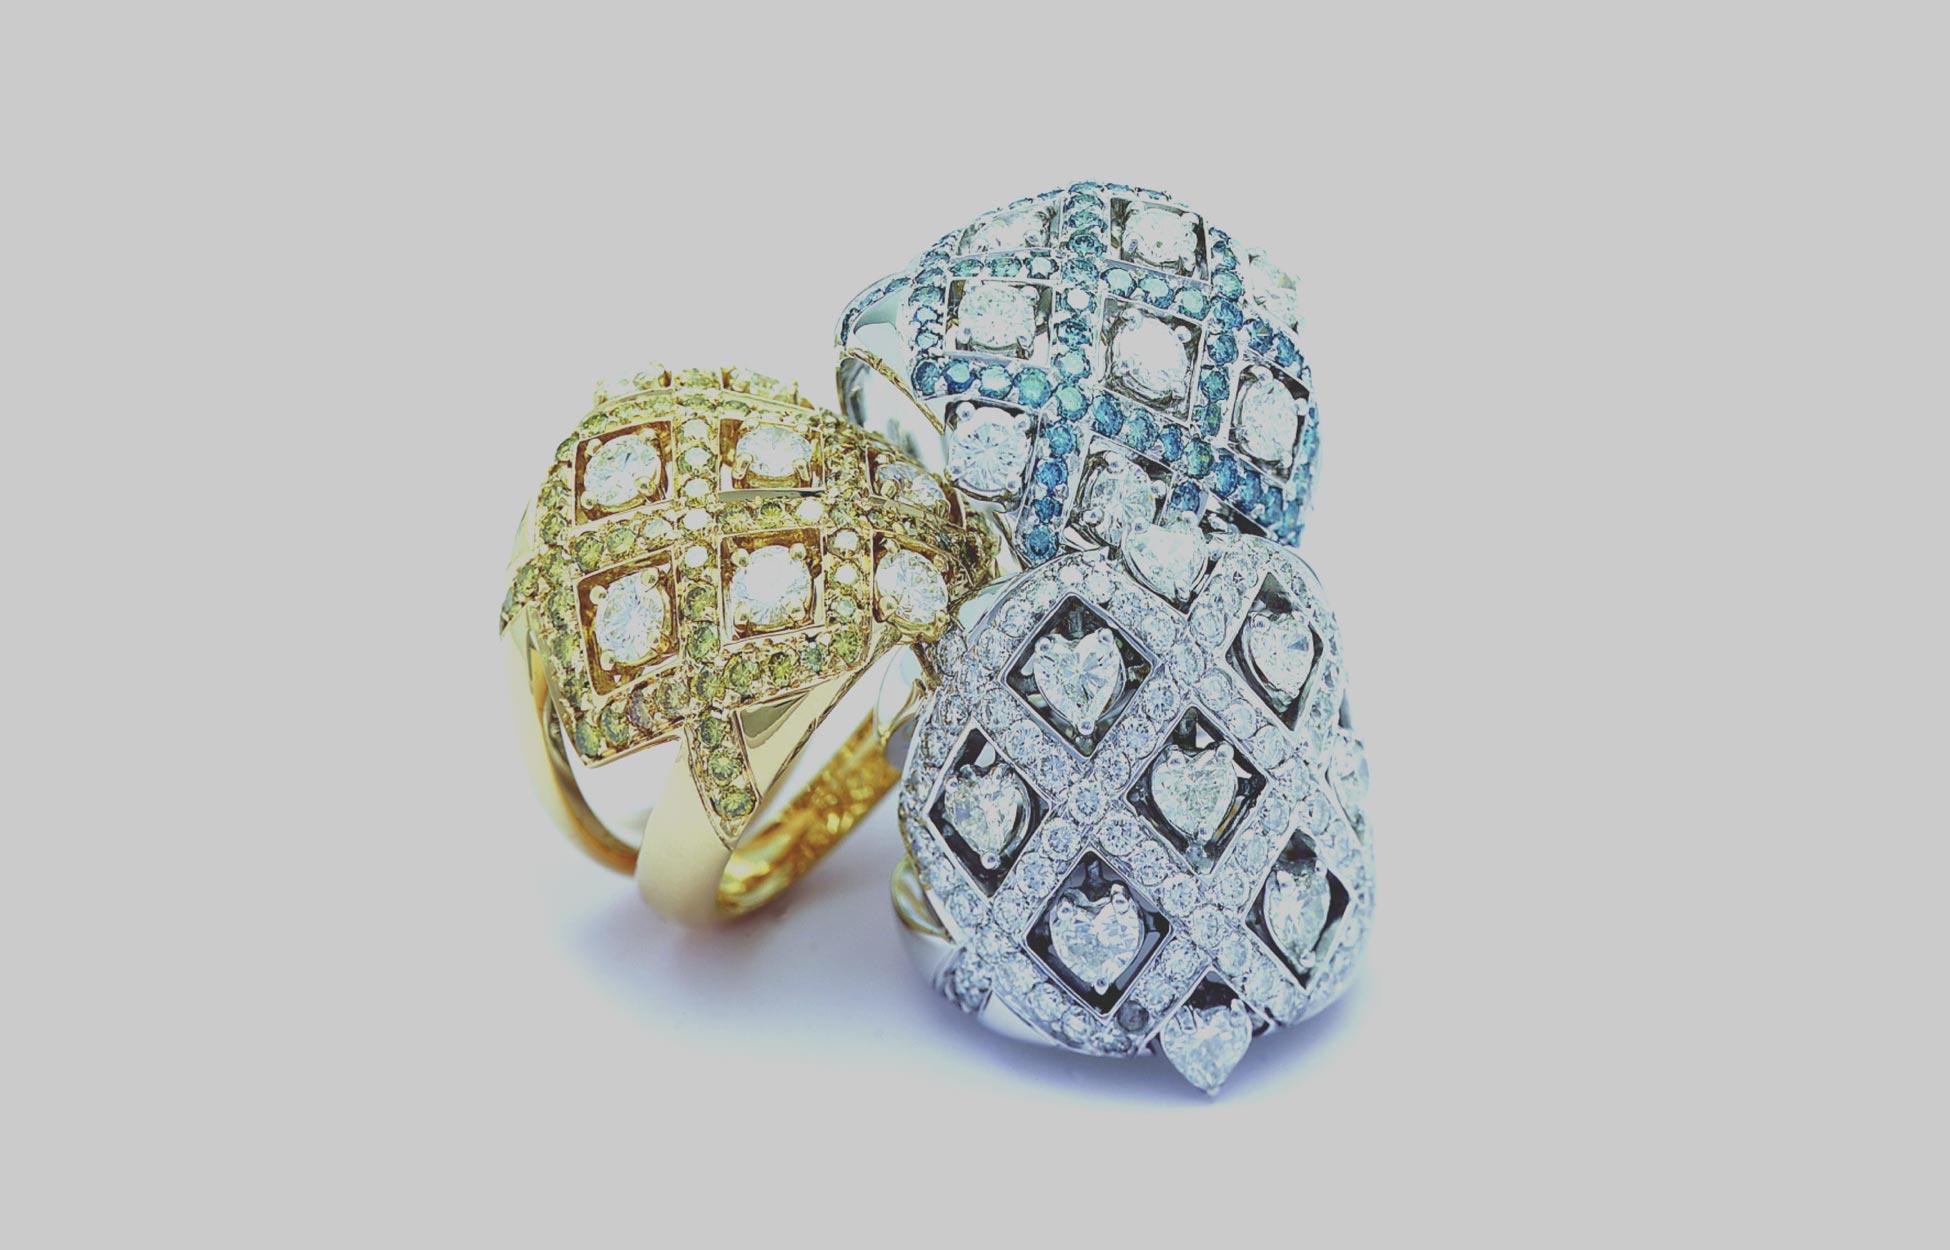 il-marchese-diamonds-diamanti-qualita-gioielli-collane-anelli-pendenti-fidanzamento-matrimonio-collezioni-118